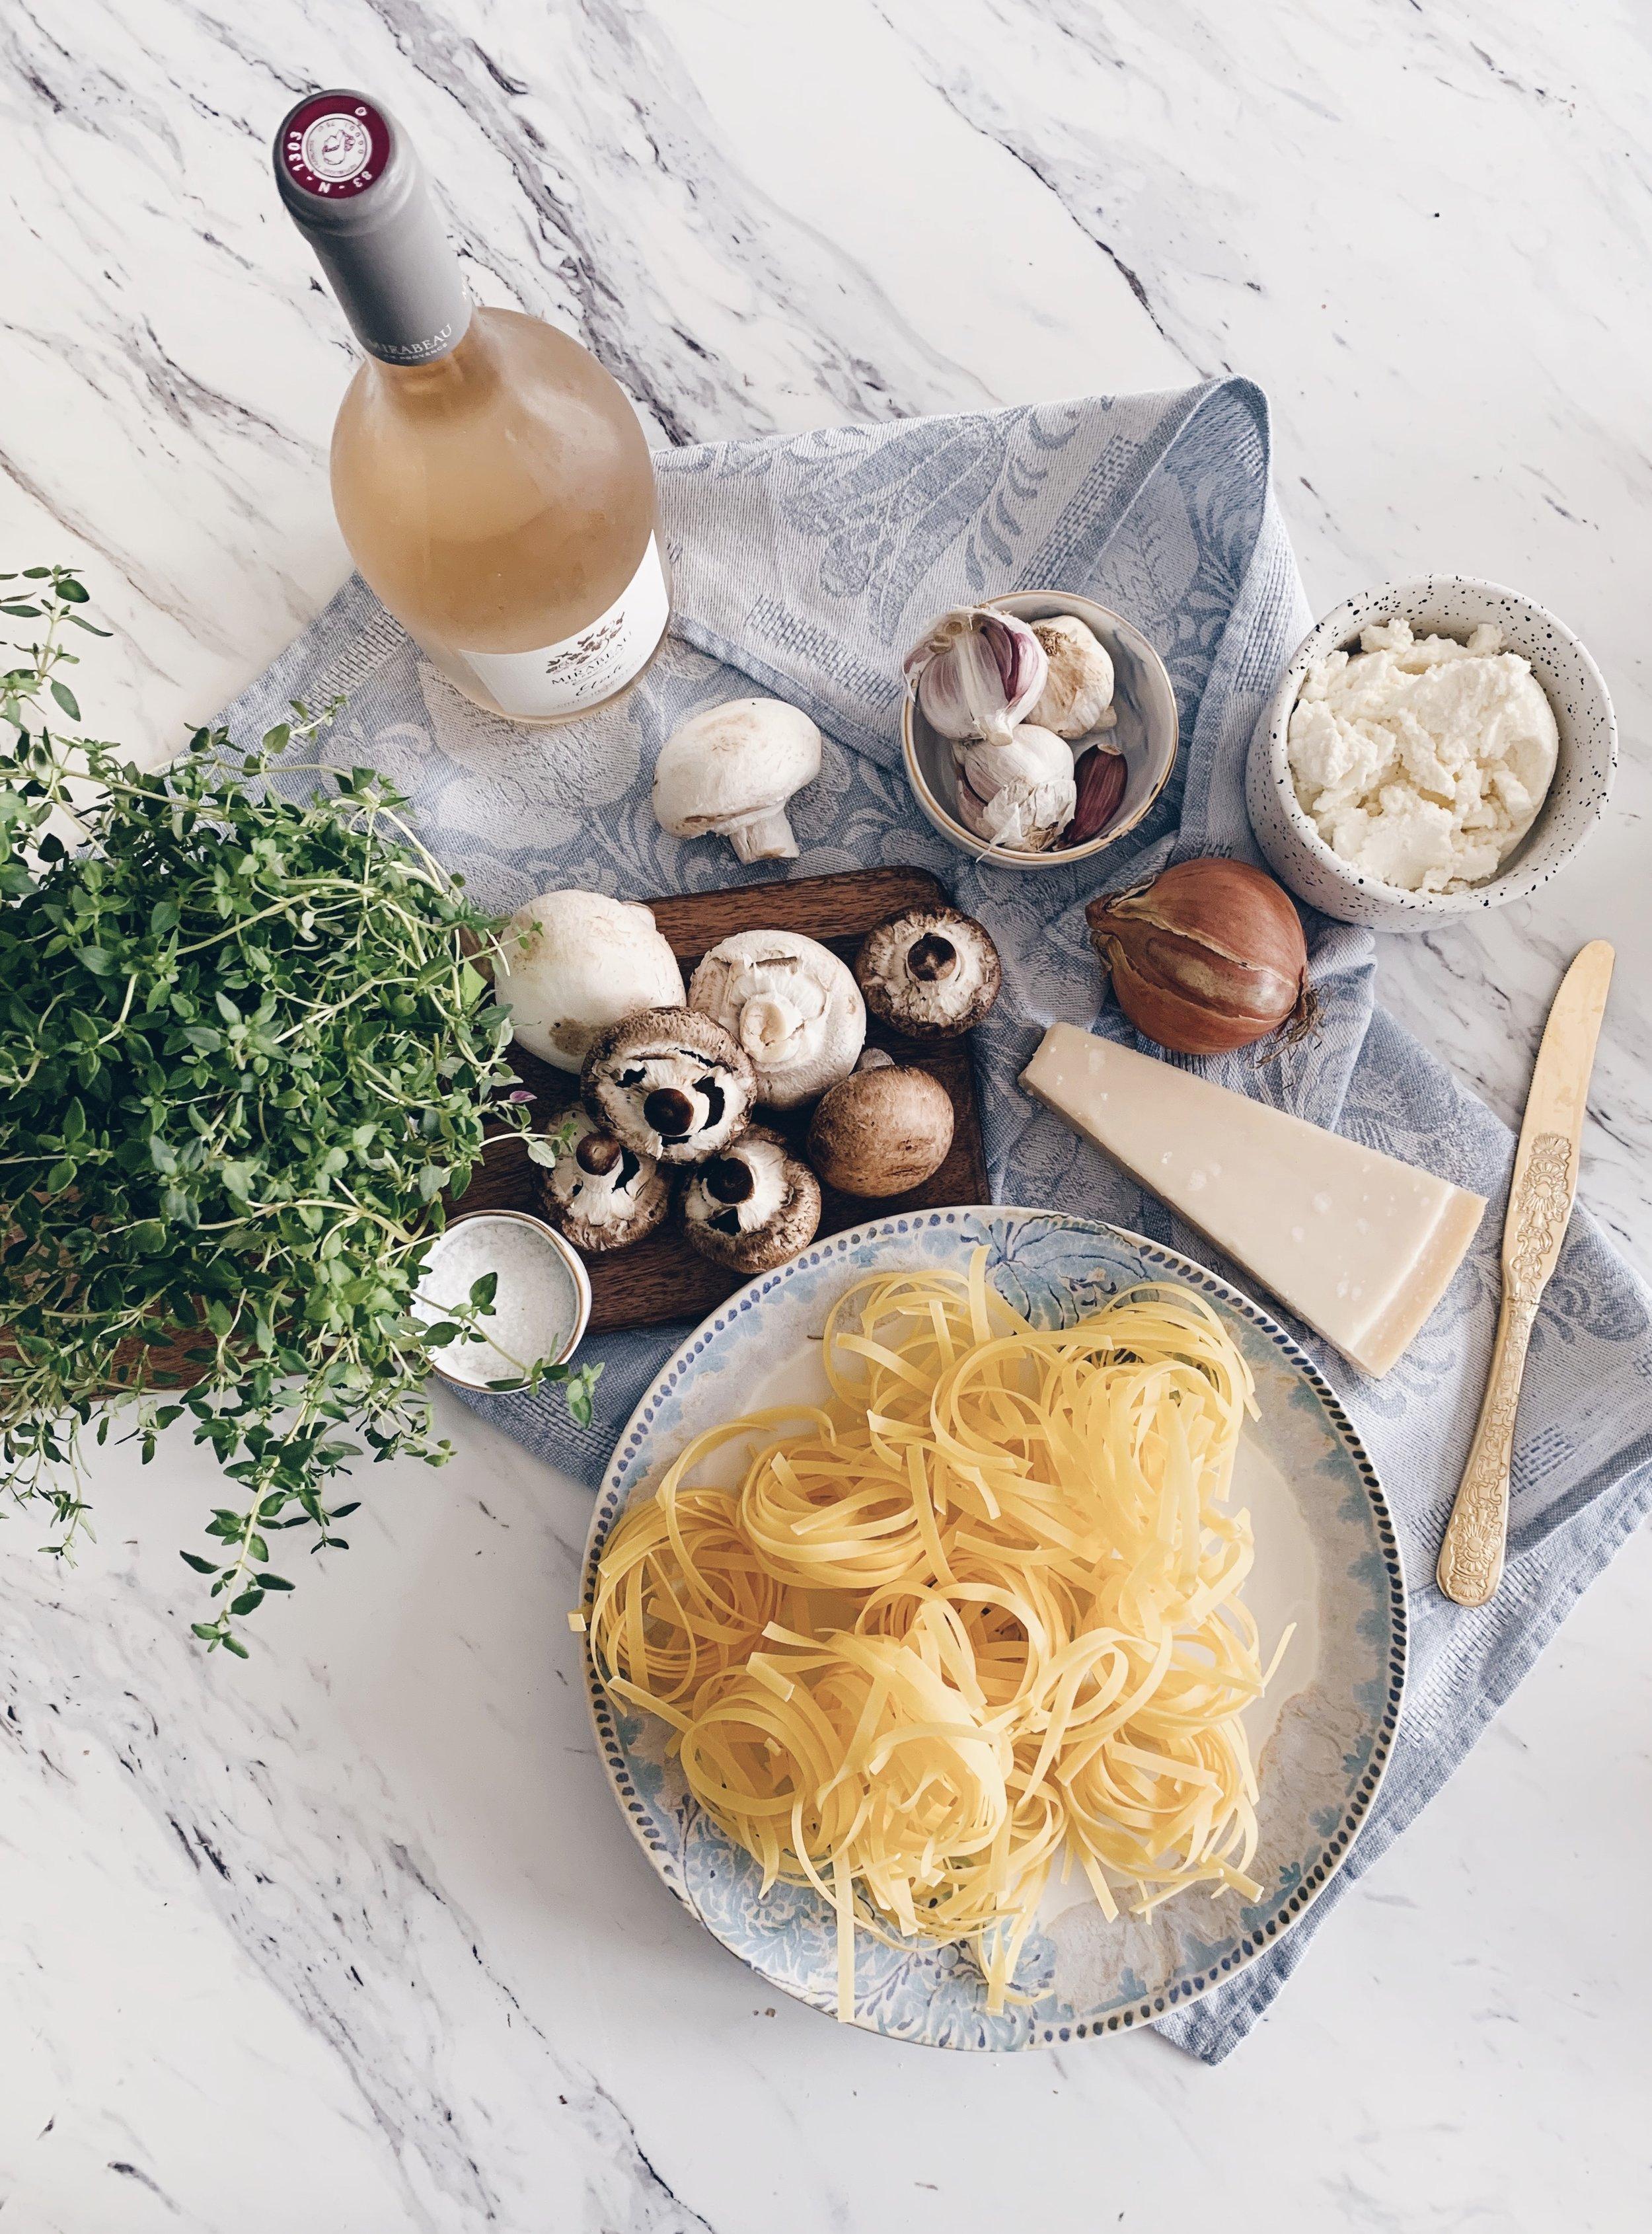 Mirabeau Rose Etoile with Mushroom Pasta